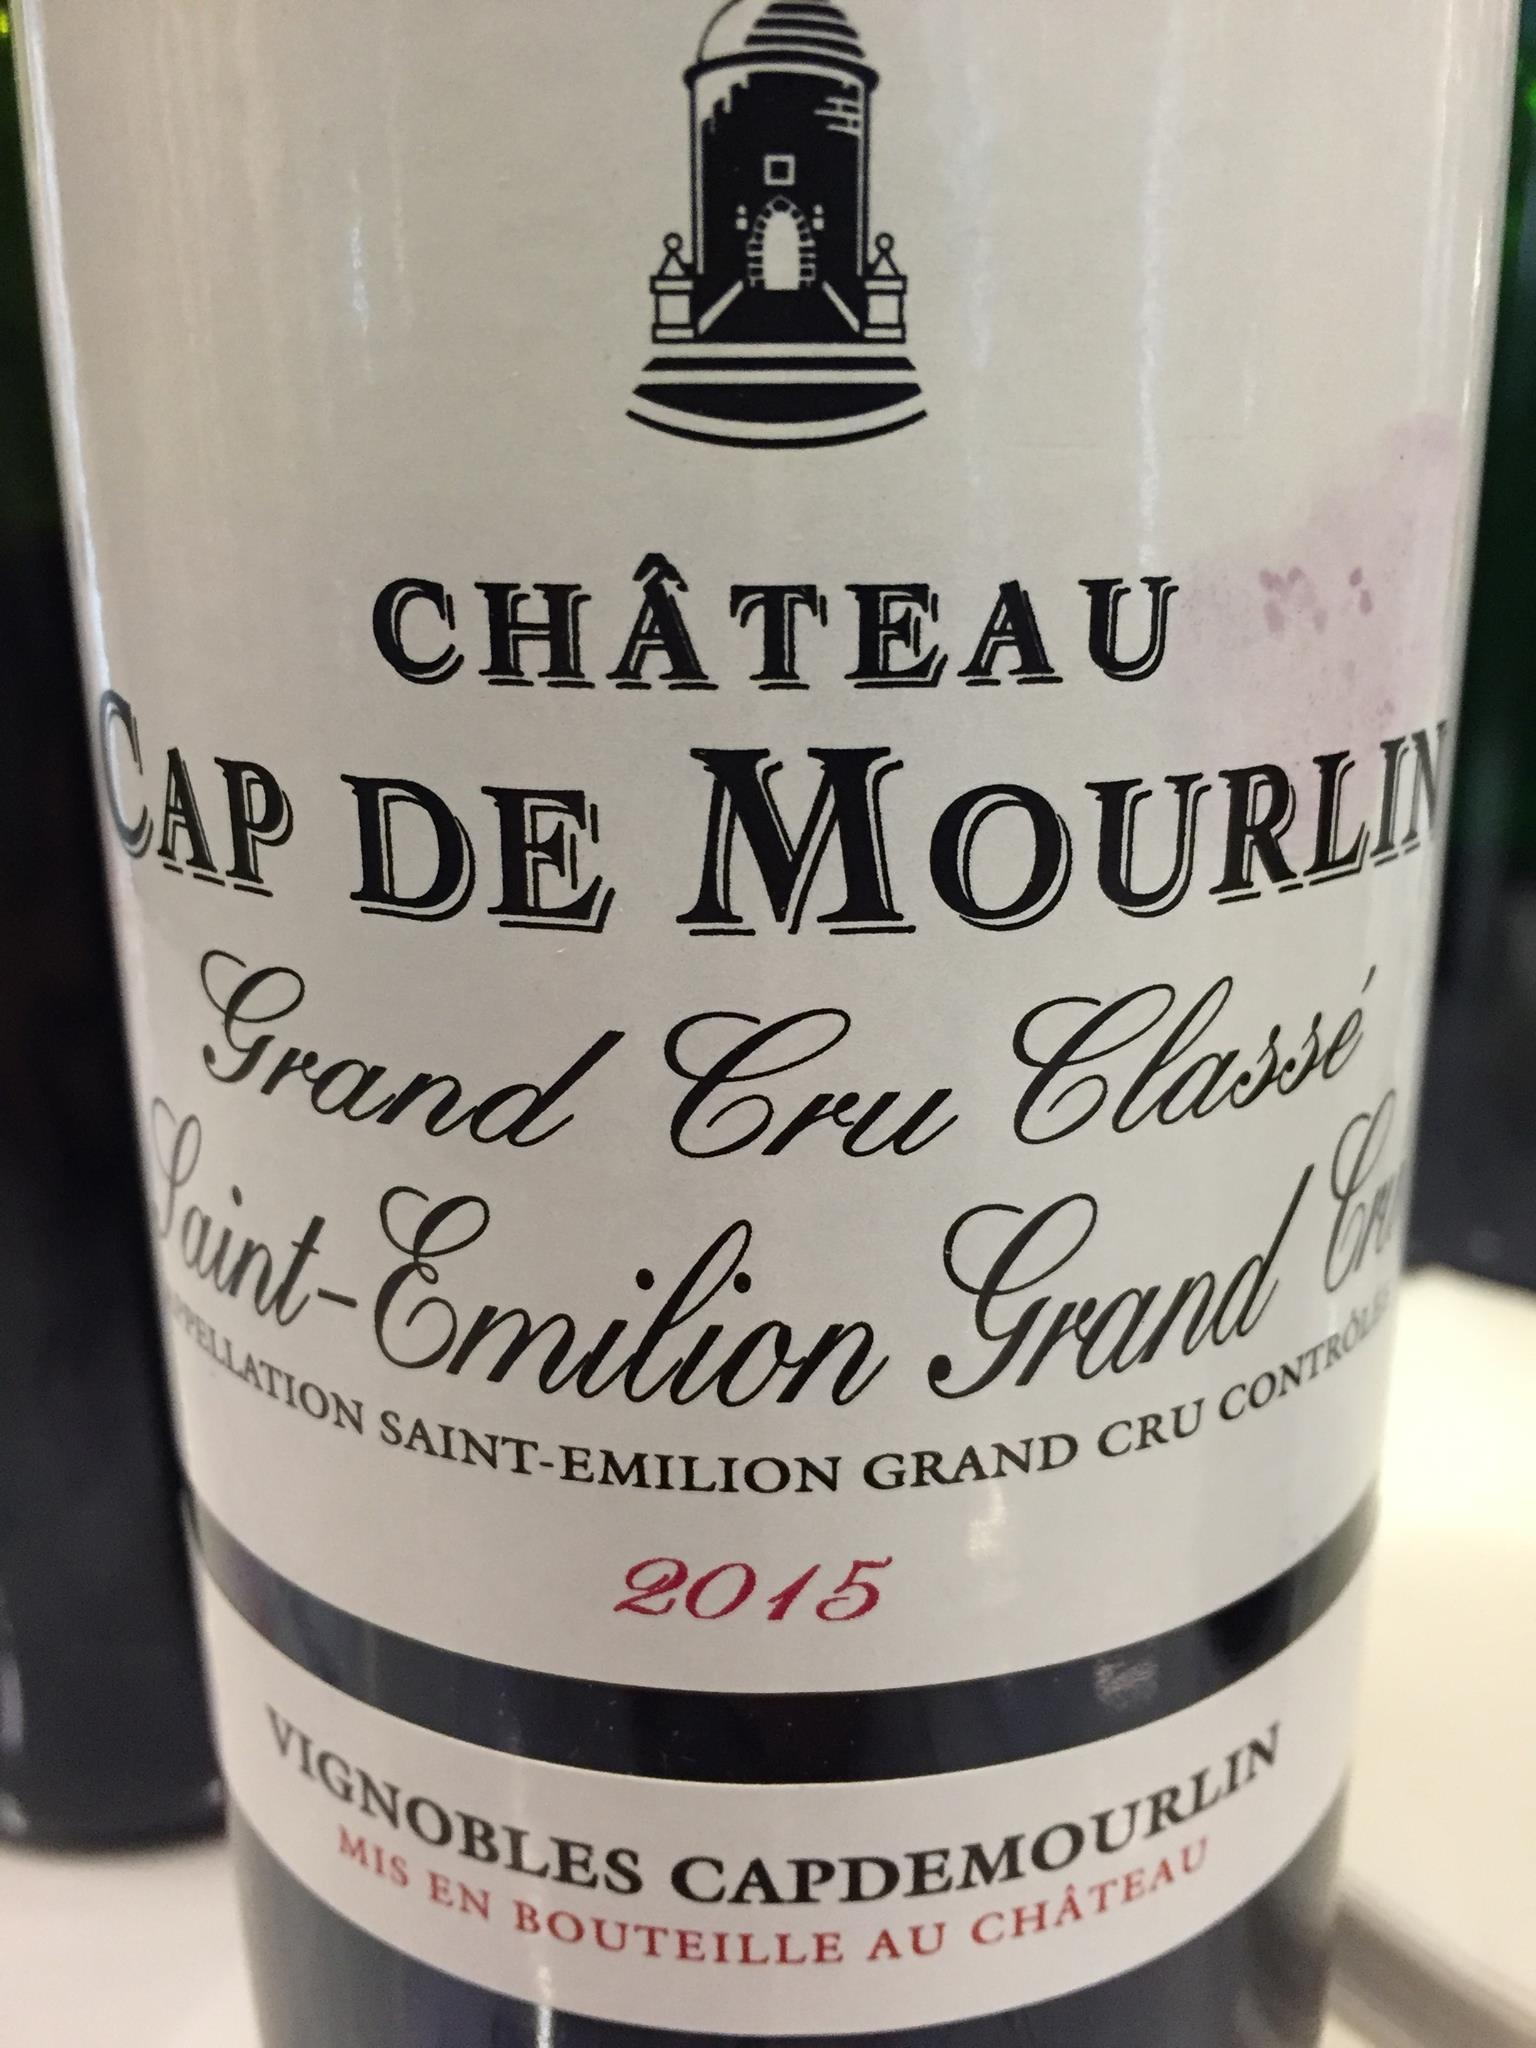 Château Cap de Mourlin 2015 – Saint-Emilion Grand Cru, Grand Cru Classé